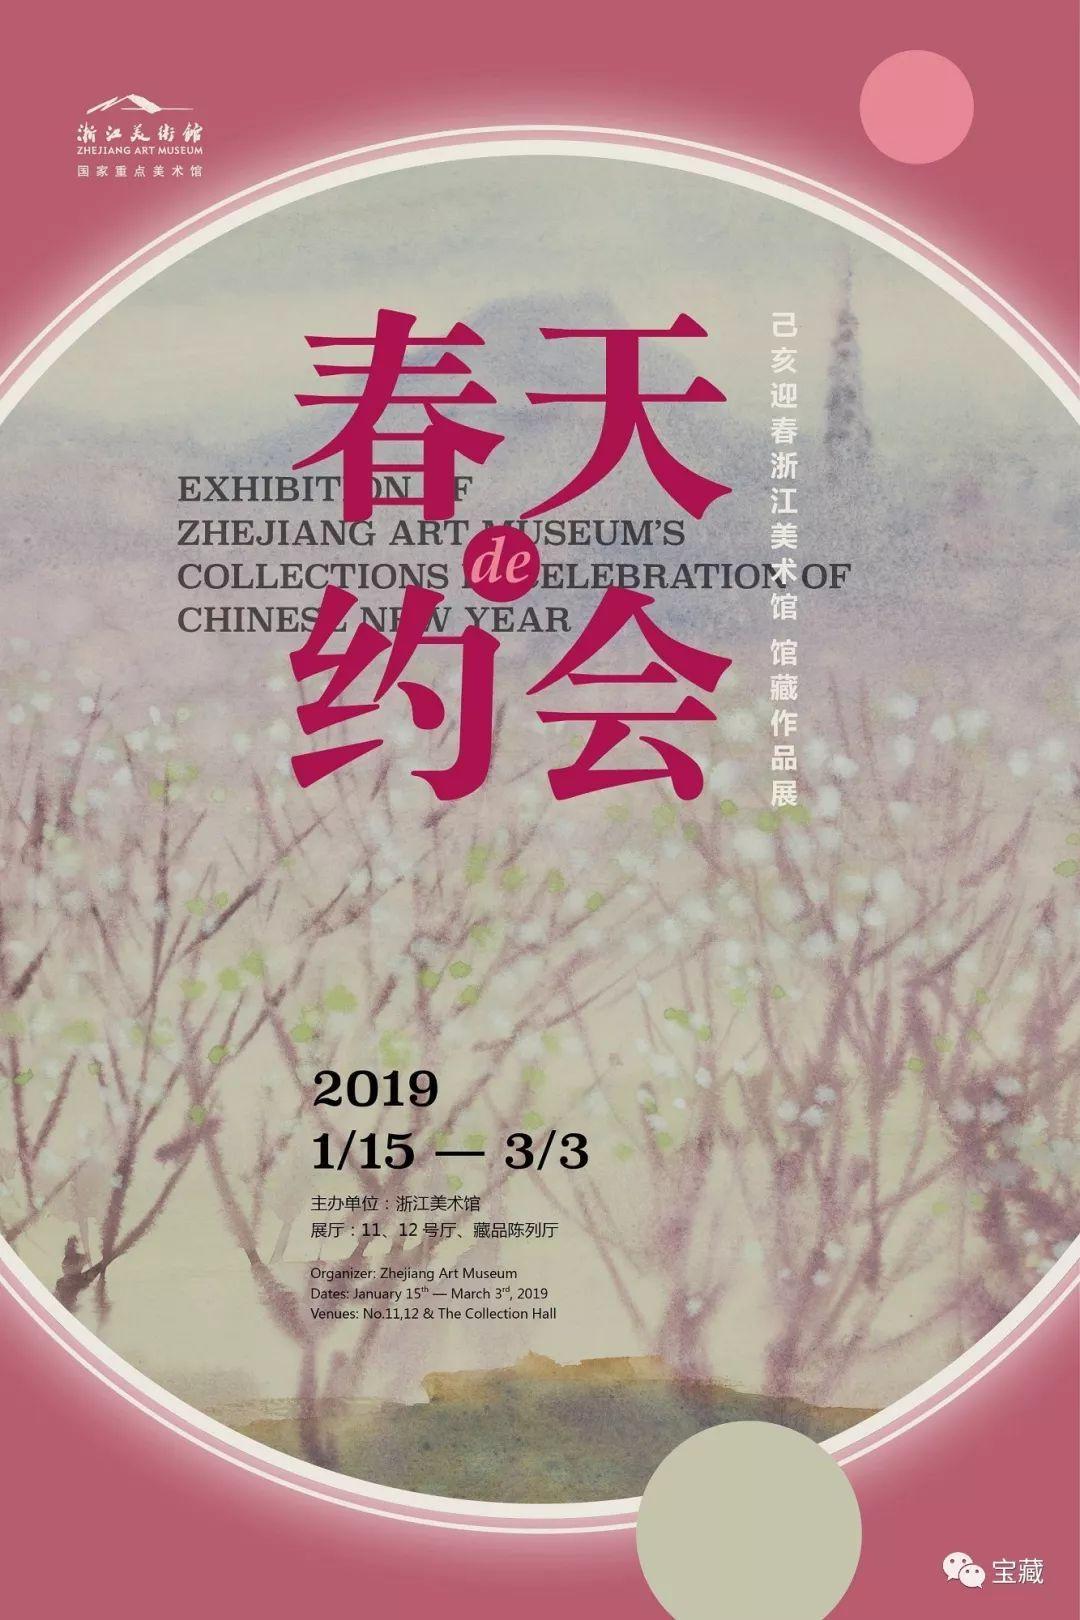 春天的约会——己亥迎春浙江美术馆馆藏作品展